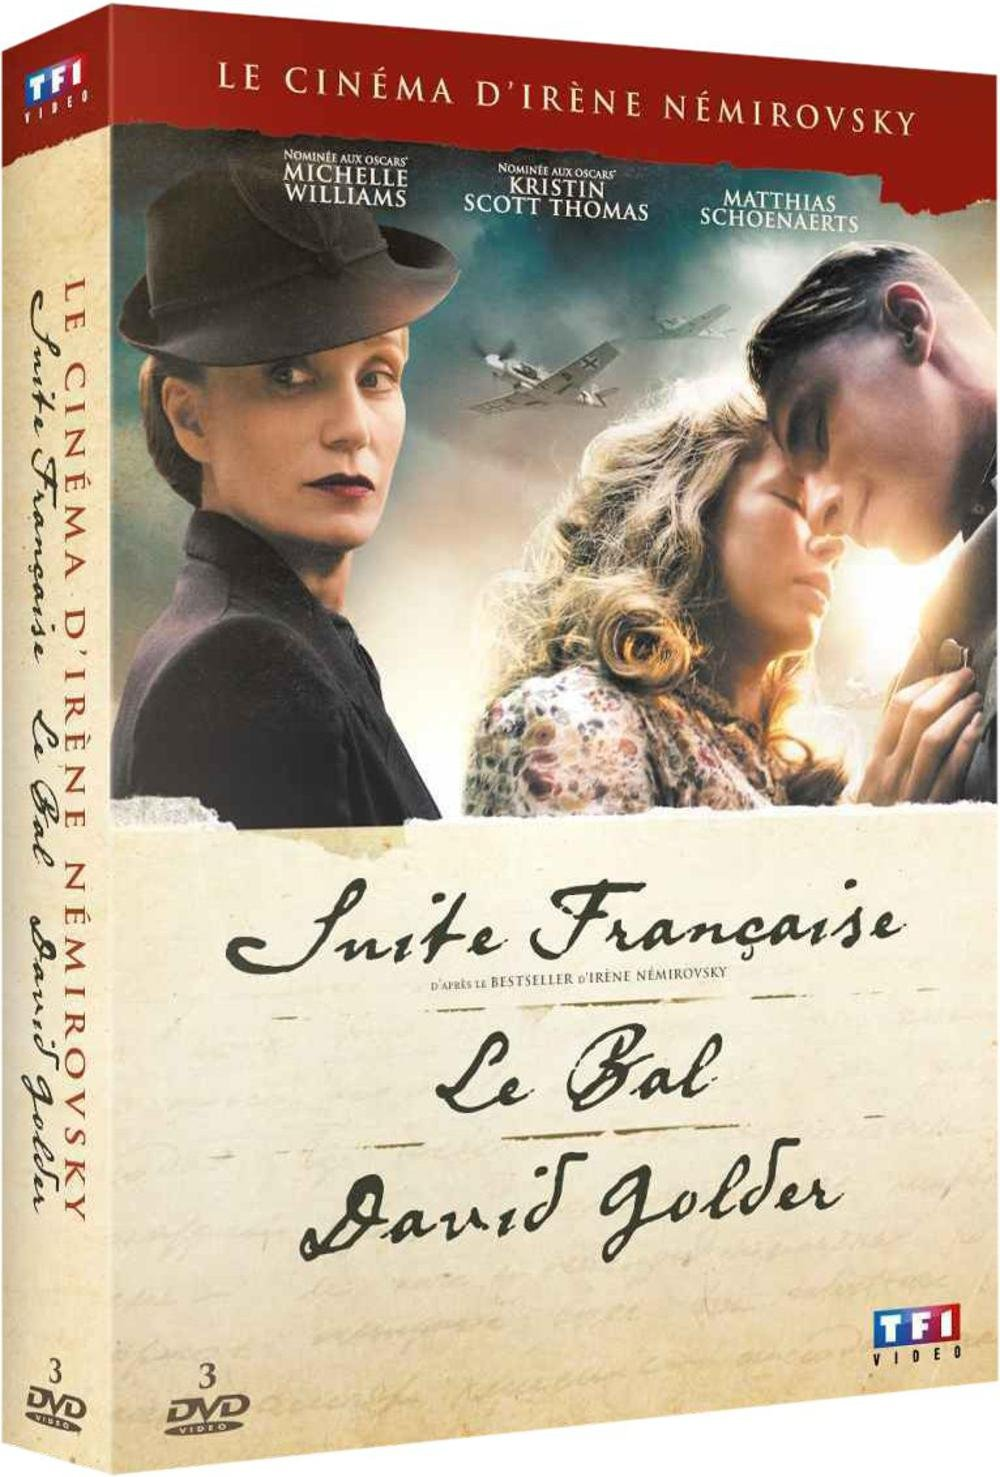 Suite Française, le film de Saul Dibb adapté de Némirovsky (2014) - Page 2 71kjMc9Rq7L._SL1477_